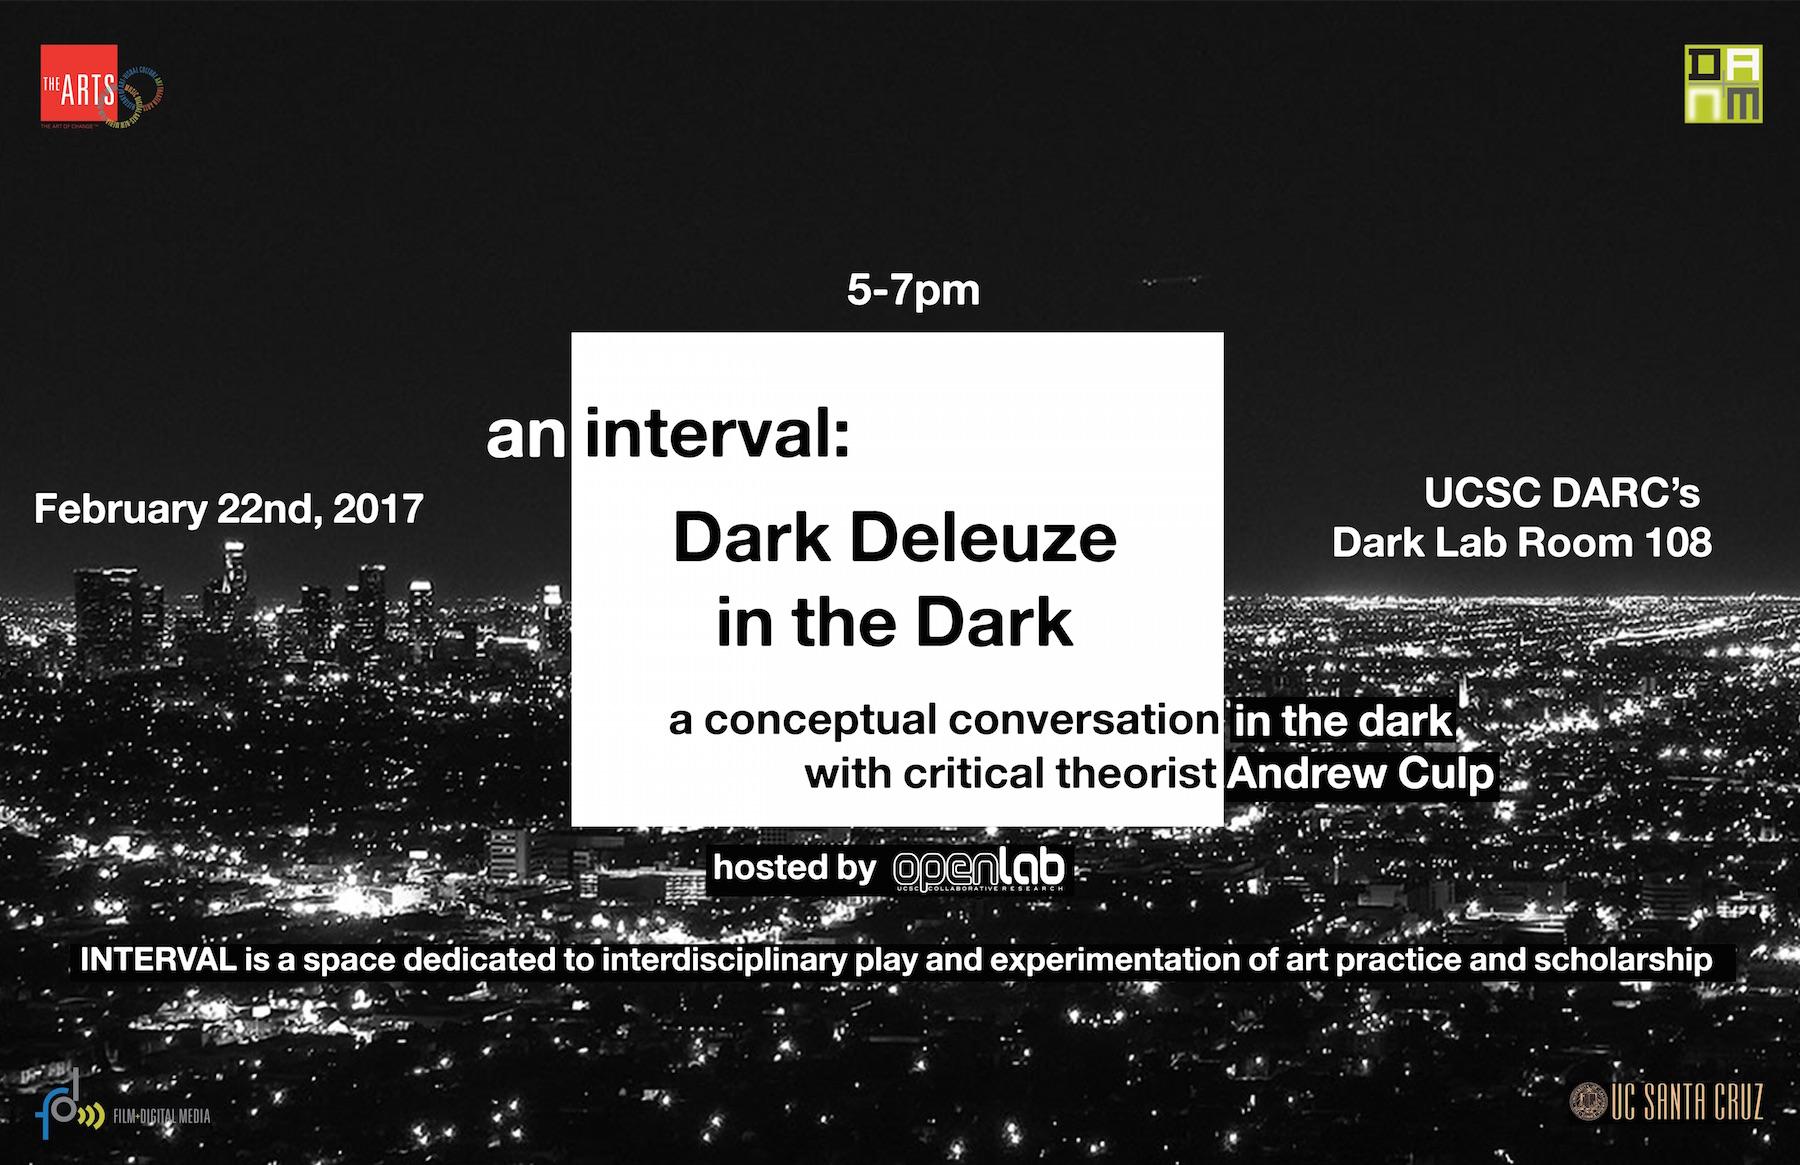 Dark Deleuze